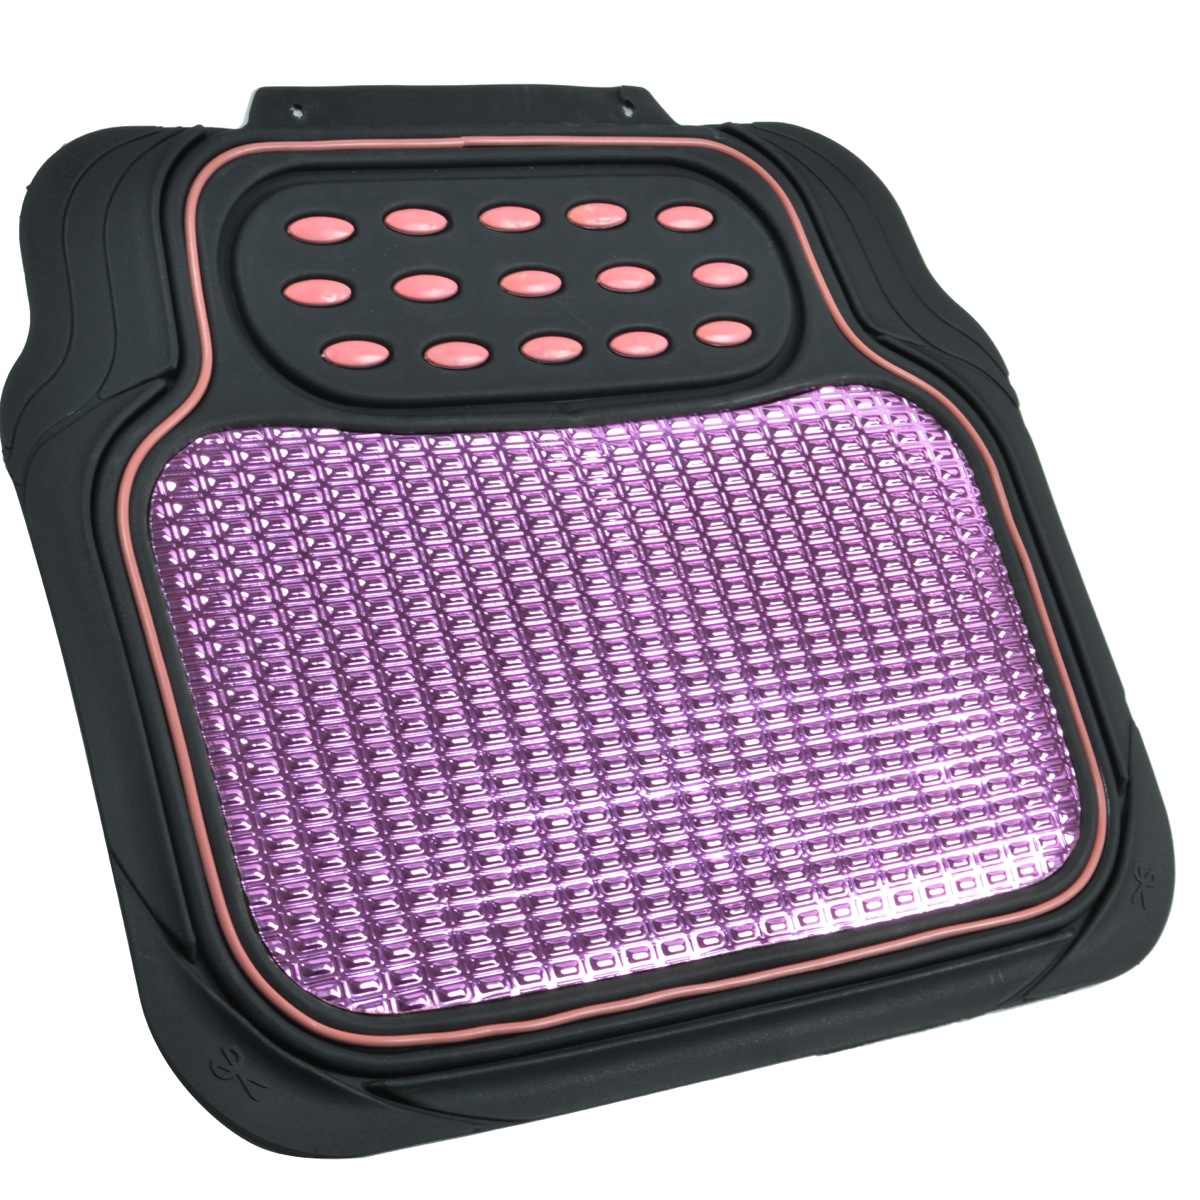 Rubber floor mats suv - Pink And Black Metallic Design Rubber Floor Mats